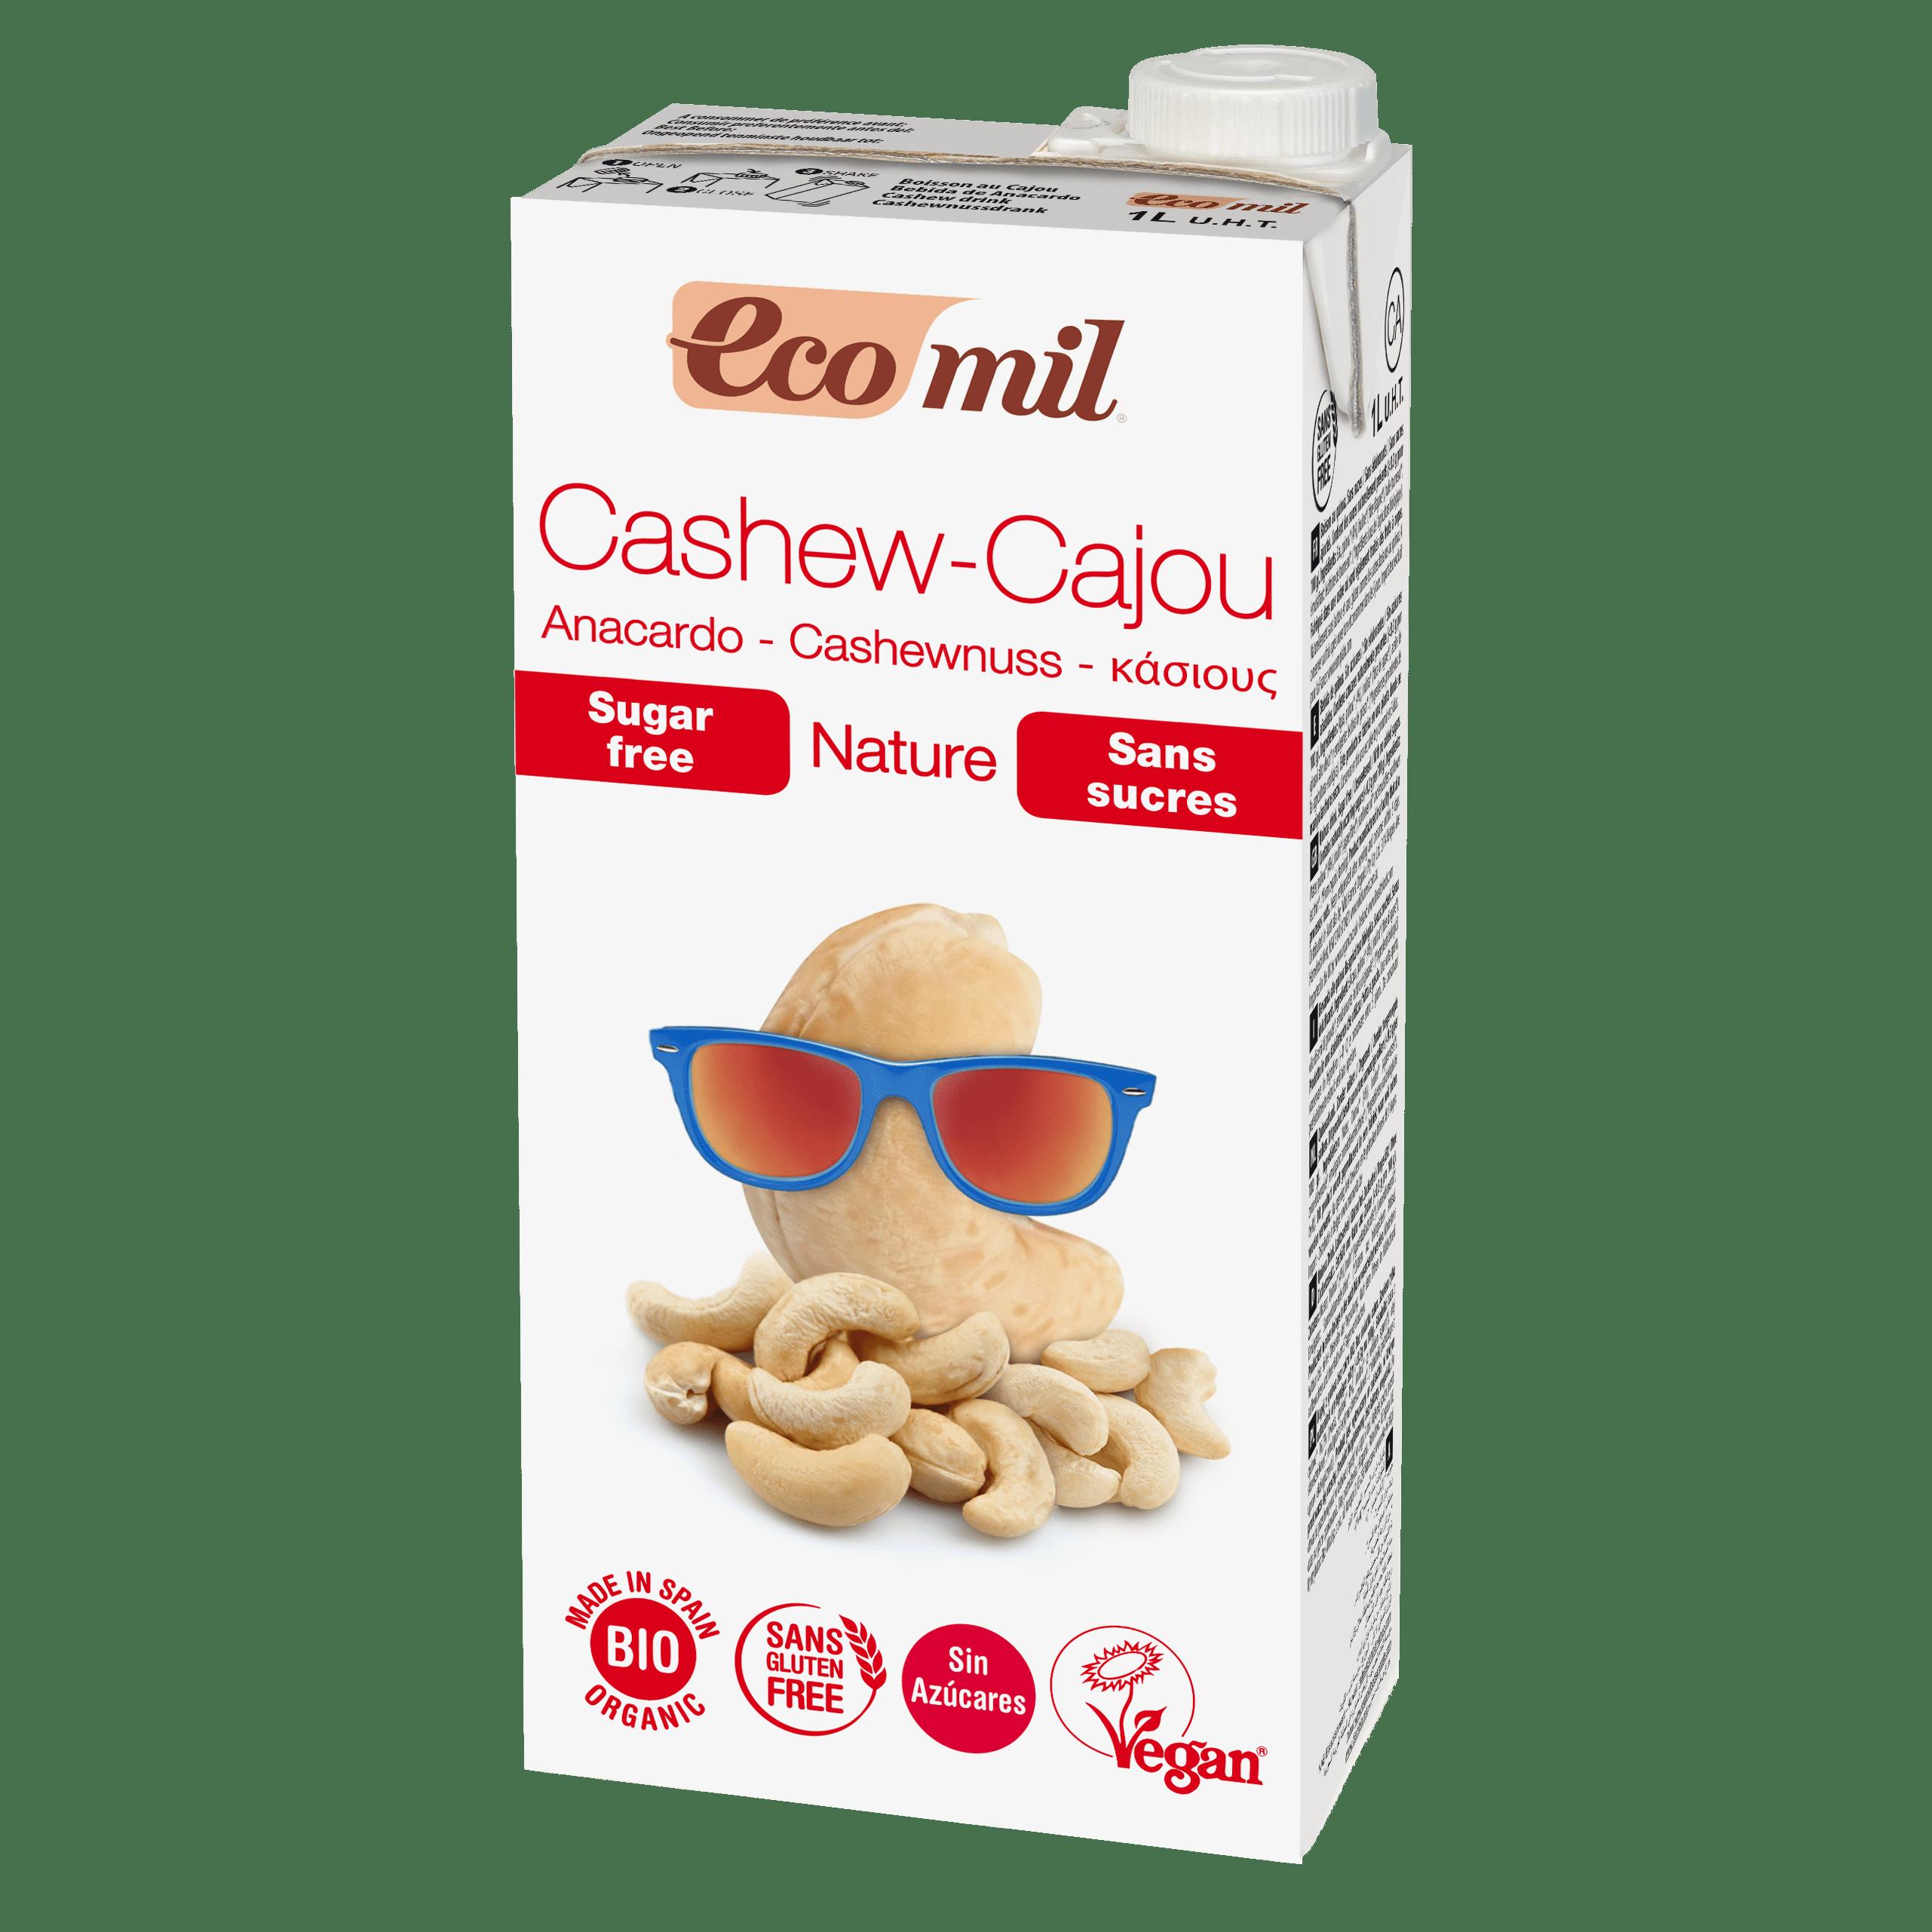 Органічне рослинне молоко з кешью без цукру, 1л - купить в интернет-магазине Юнимед